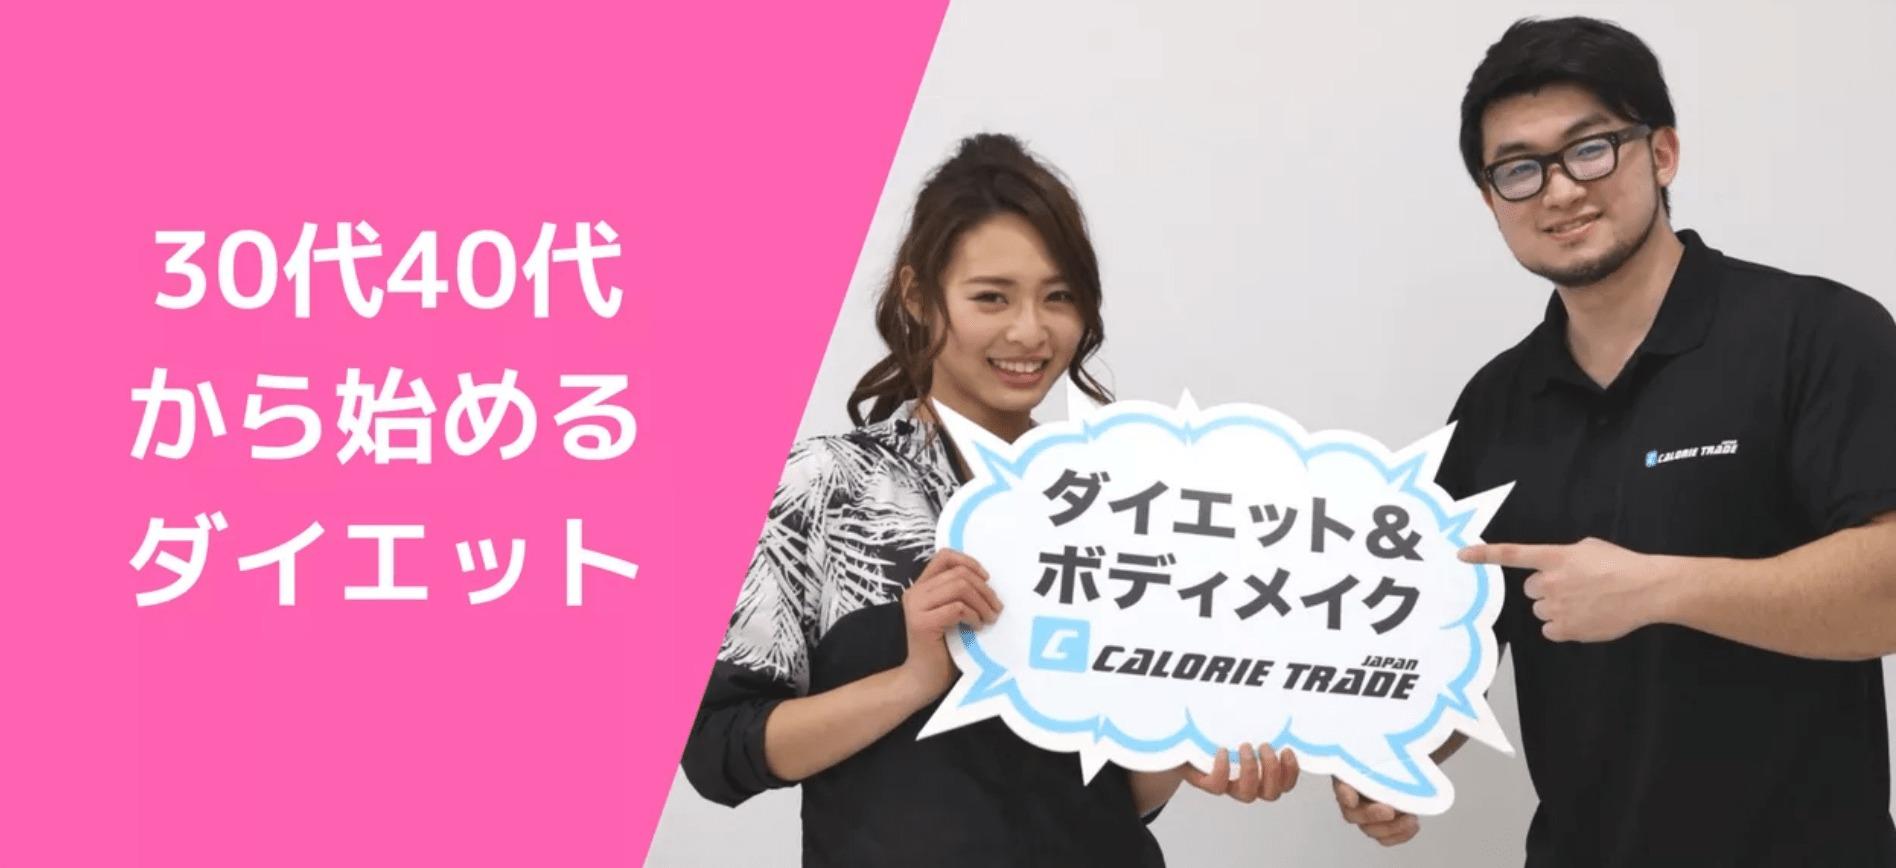 CALORIE TRADE JAPAN(カロリートレードジャパン)のジム画像1